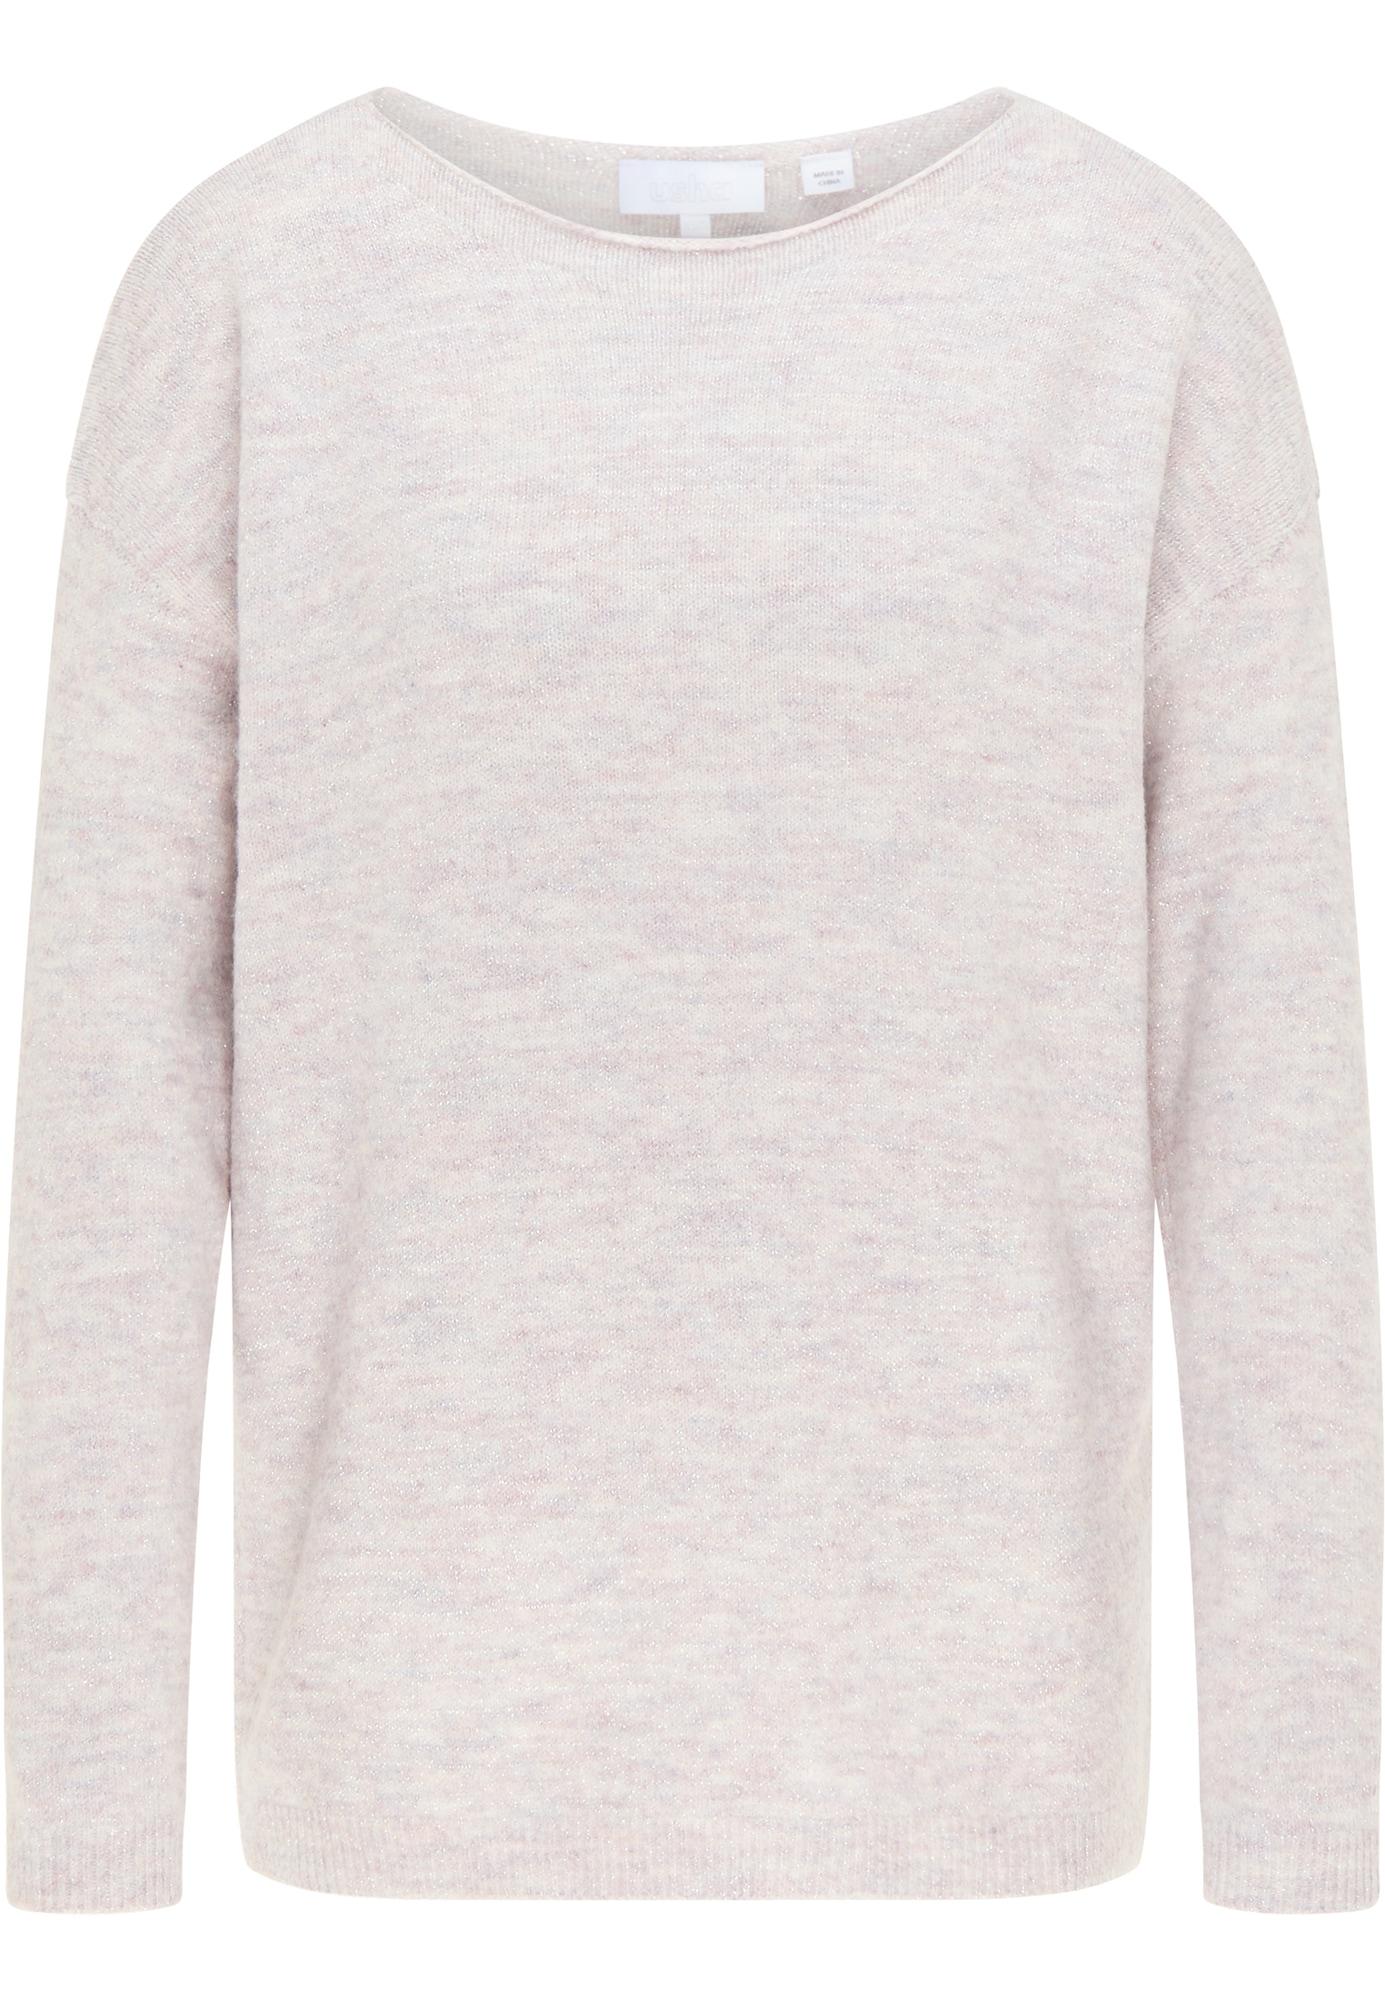 usha WHITE LABEL Laisvas megztinis margai pilka